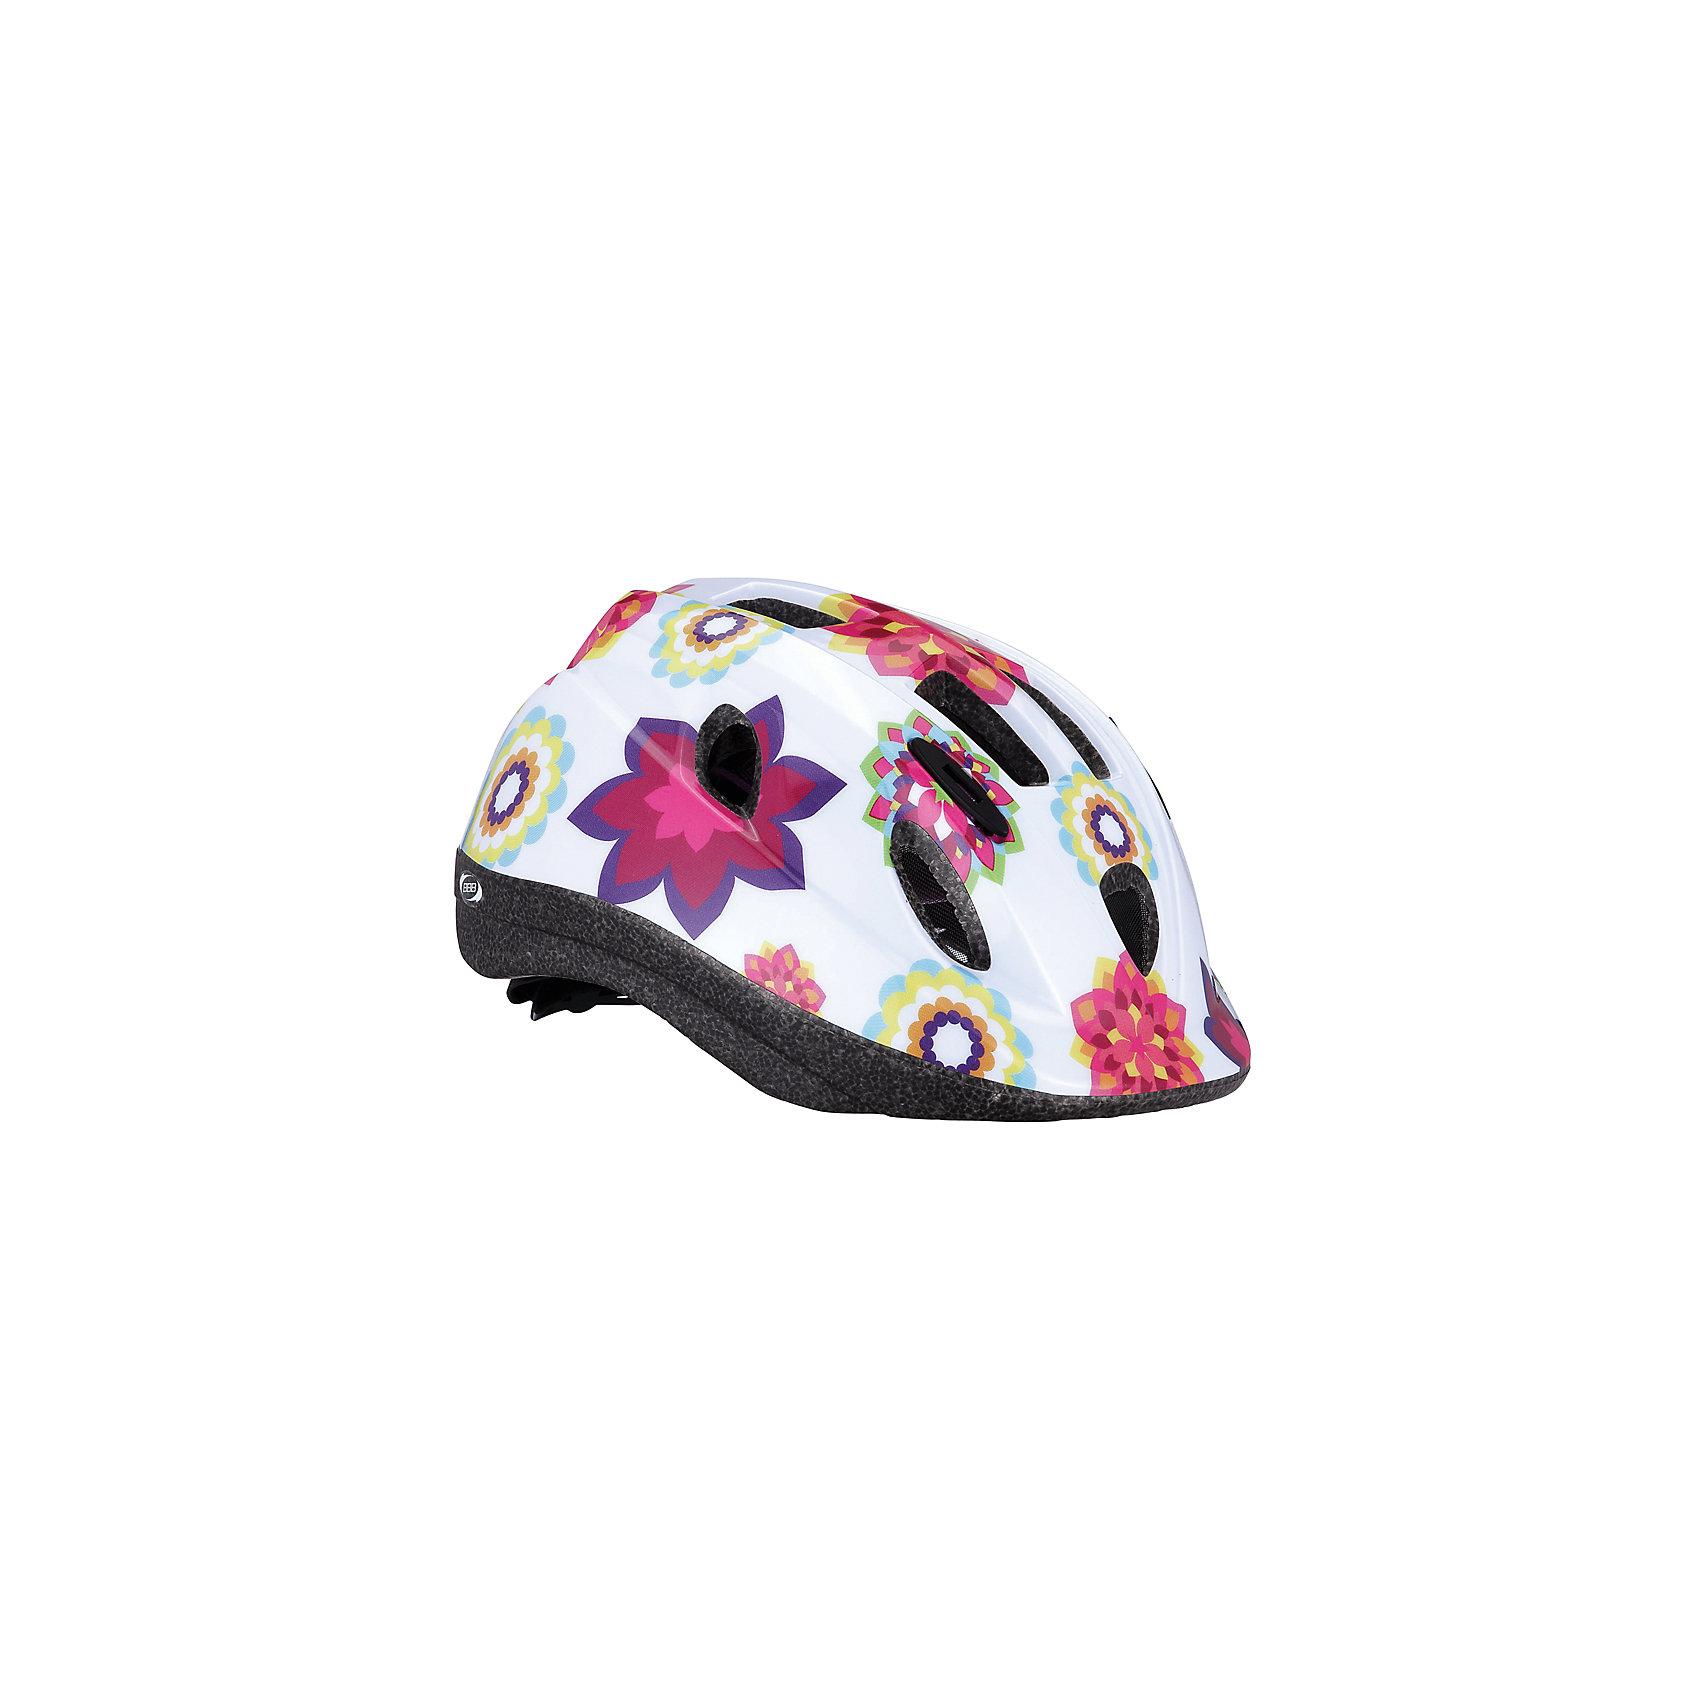 Летний шлем Boogy цветы, BBBЗащита, шлемы<br>Характеристики товара:<br><br>• 12 вентиляционных отверстий<br>• задние вентиляционные отверстия<br>• сетка - защищает от насекомых<br>• регулируемые ремни для совершенной и удобной посадки<br>• легкая регулировка TwistClose системы, можно регулировать одной рукой <br>• моющиеся антибактериальные накладки<br>• светоотражающие наклейки сзади<br>• страна производства: Тайвань<br><br>Безопасность превыше всего - девиз Hero. <br><br>Активный отдых на свежем воздухе - лучшее времяпрепровождение летом. Неважно, что выбрал ребенок: самокат, беговел или велосипед,  в любом случае, шлем необходим по правилам техники безопасности.<br><br>Летний шлем Boogy цветы можно купить в нашем интернет-магазине.<br><br>Ширина мм: 270<br>Глубина мм: 240<br>Высота мм: 180<br>Вес г: 500<br>Возраст от месяцев: 36<br>Возраст до месяцев: 144<br>Пол: Женский<br>Возраст: Детский<br>SKU: 5569389